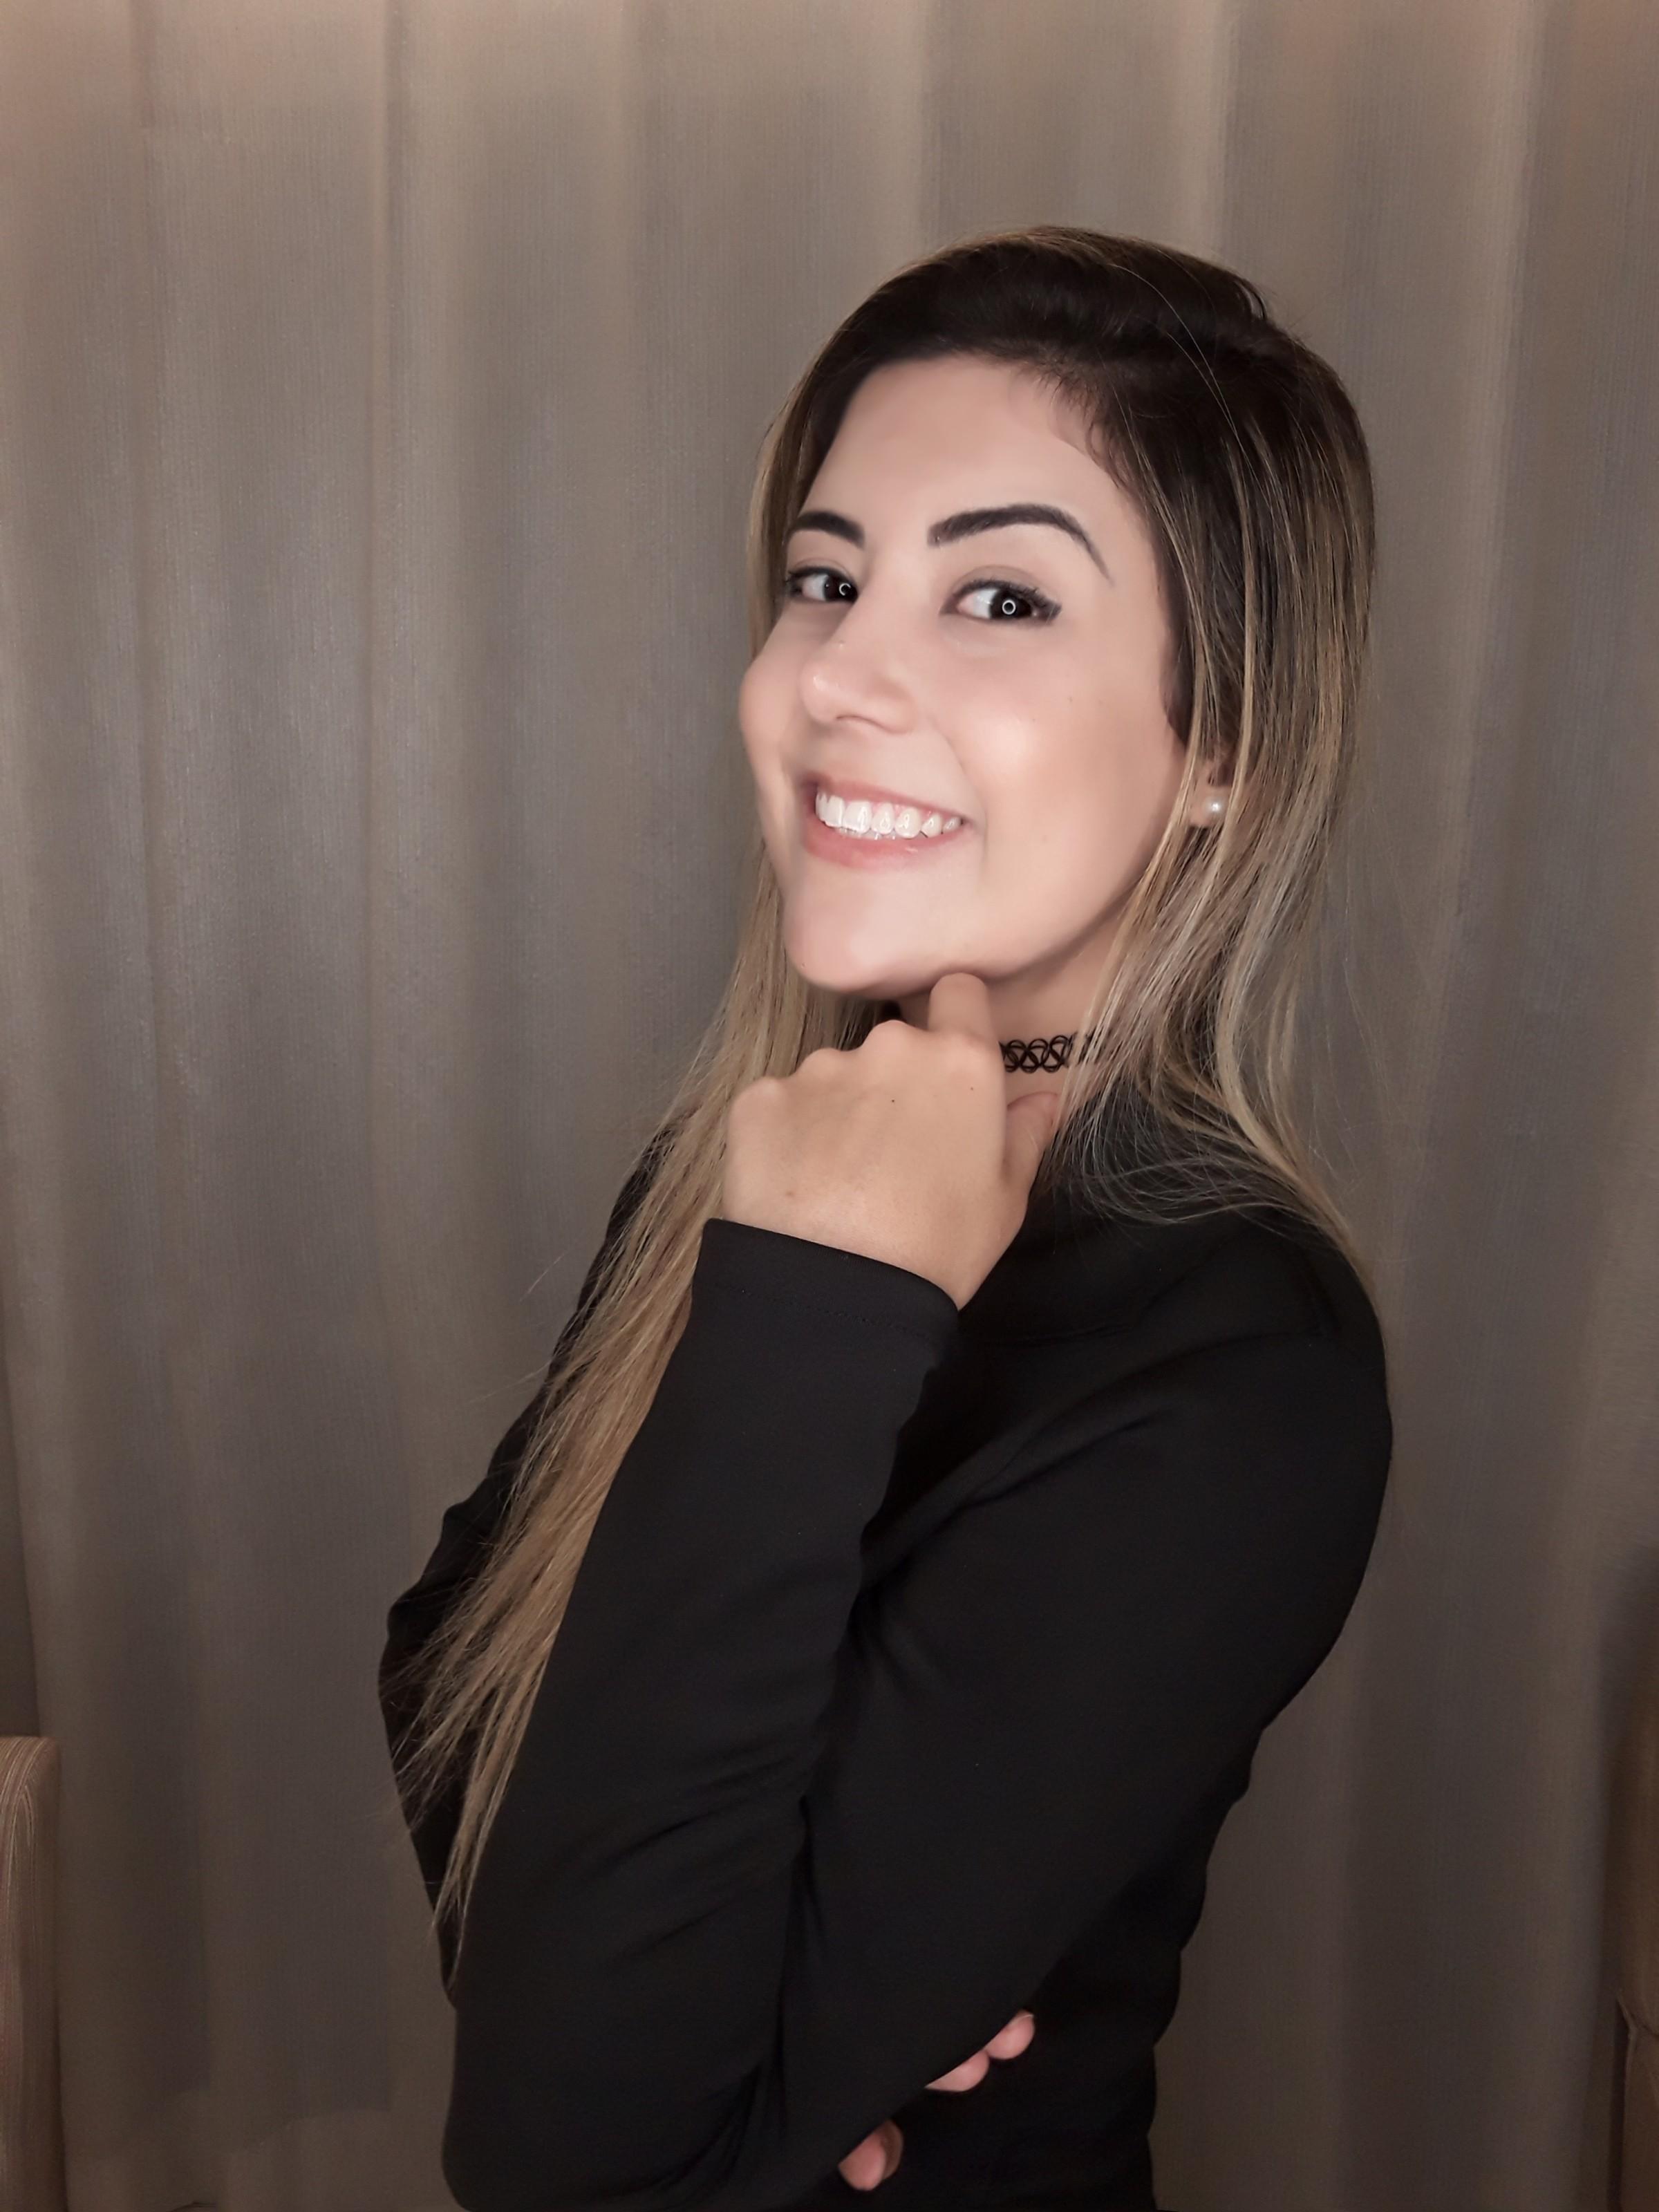 ENTREVISTA: Amanda Barbosa Borges - Aprovada em 5º lugar no concurso CLDF para o cargo de Técnico Legislativo